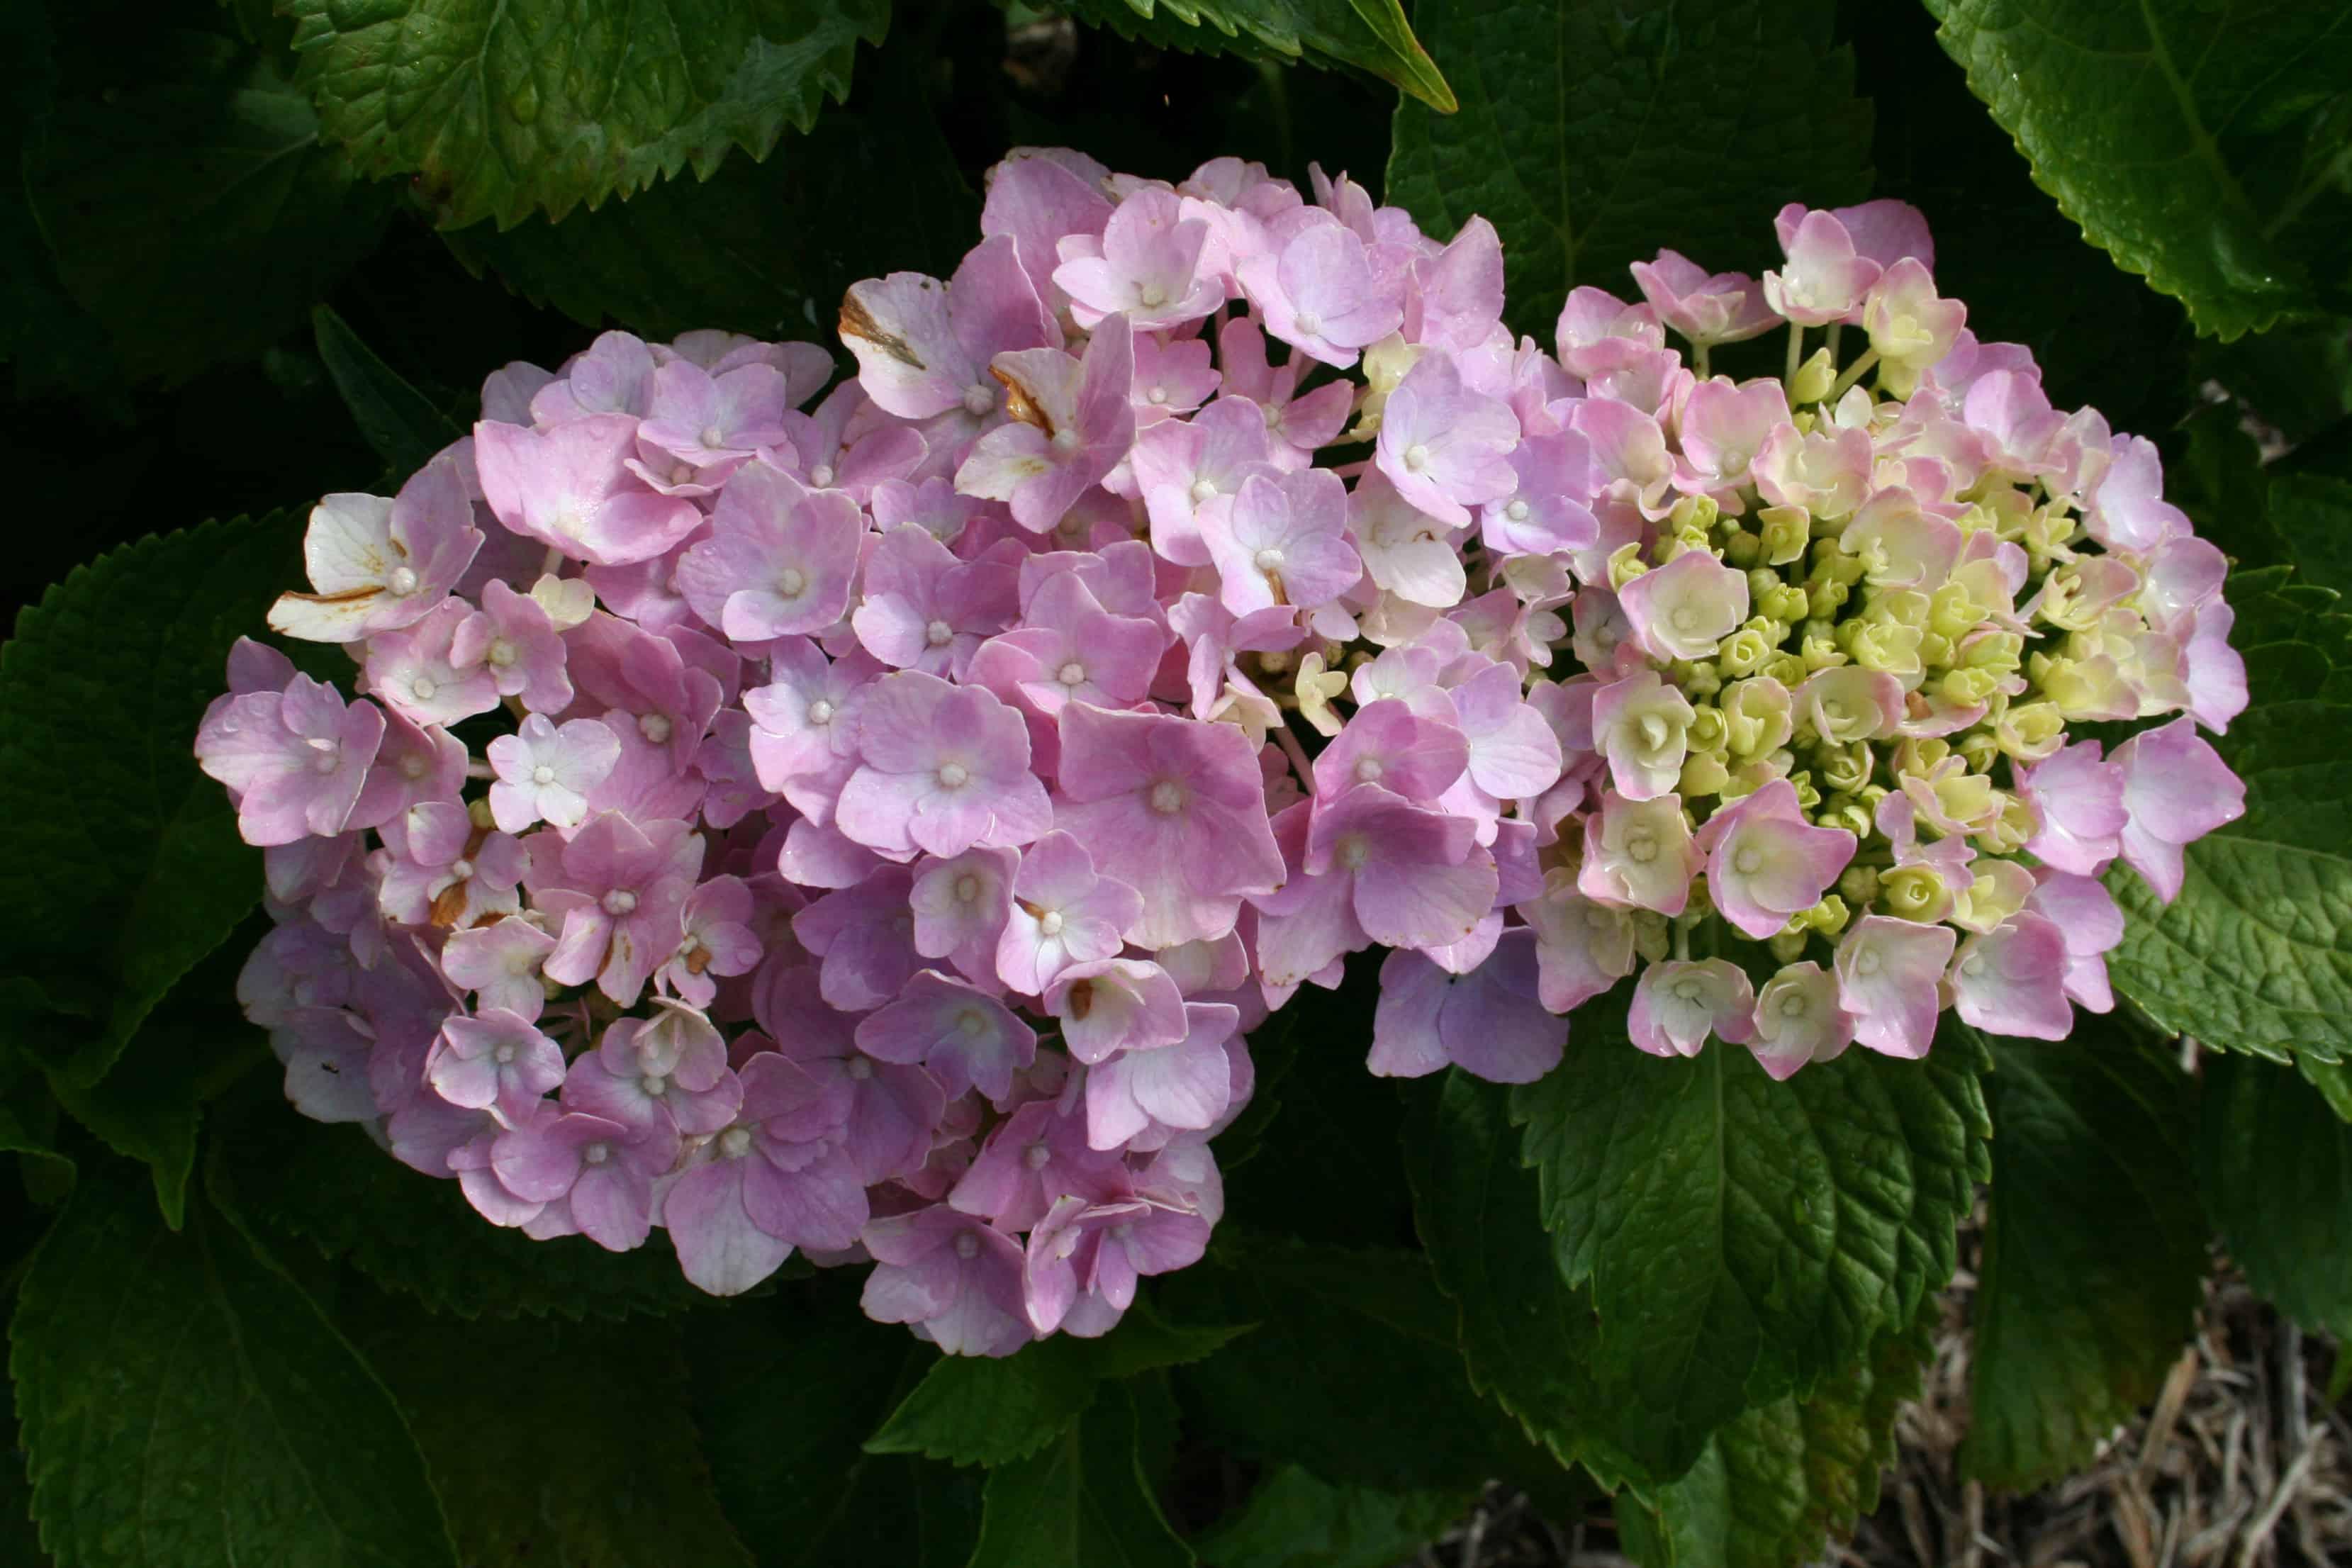 Hydrangea care archives home garden joy - Caring hydrangea garden ...